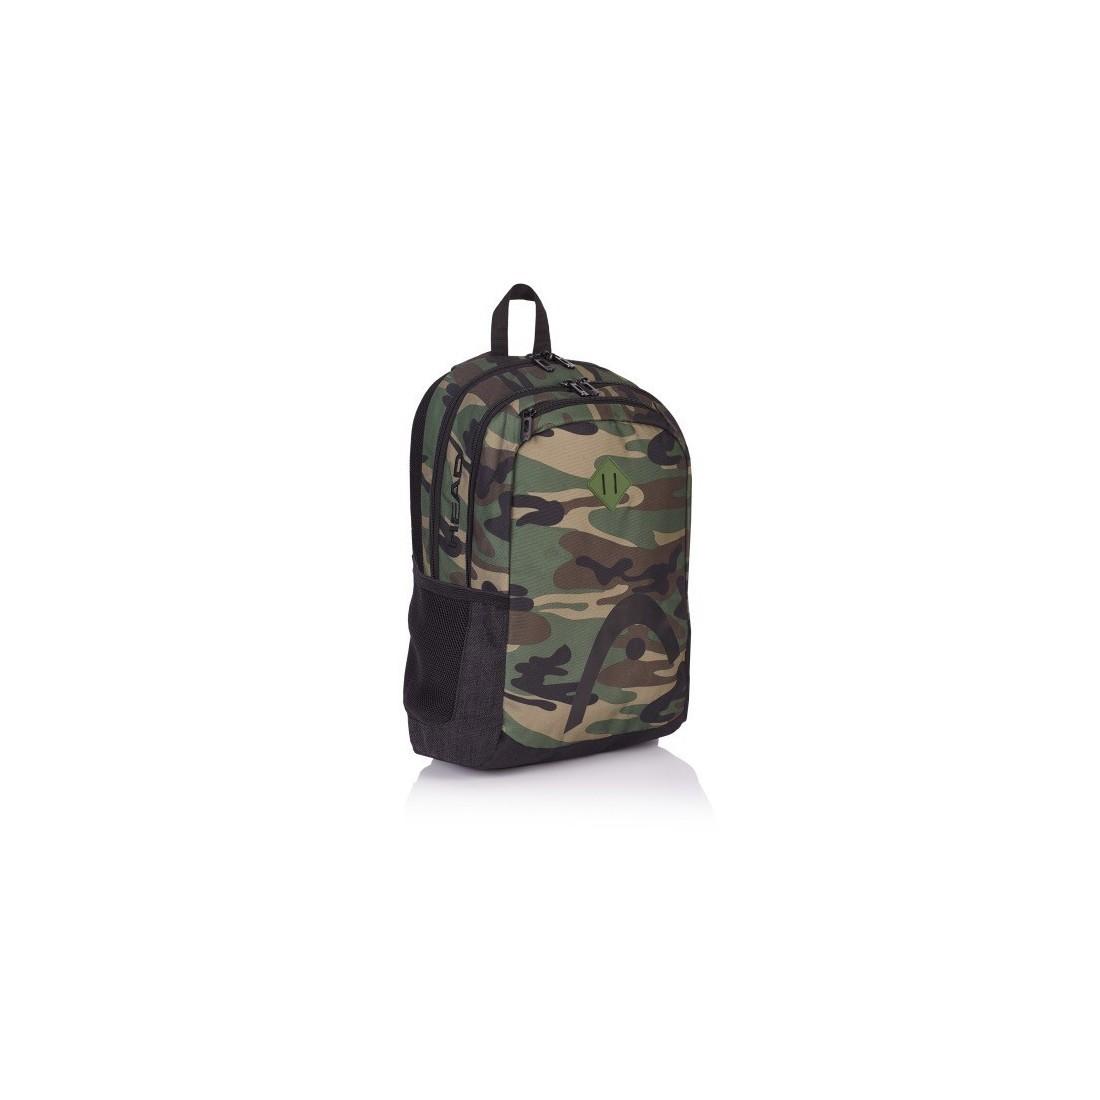 Plecak młodzieżowy HEAD HD-23